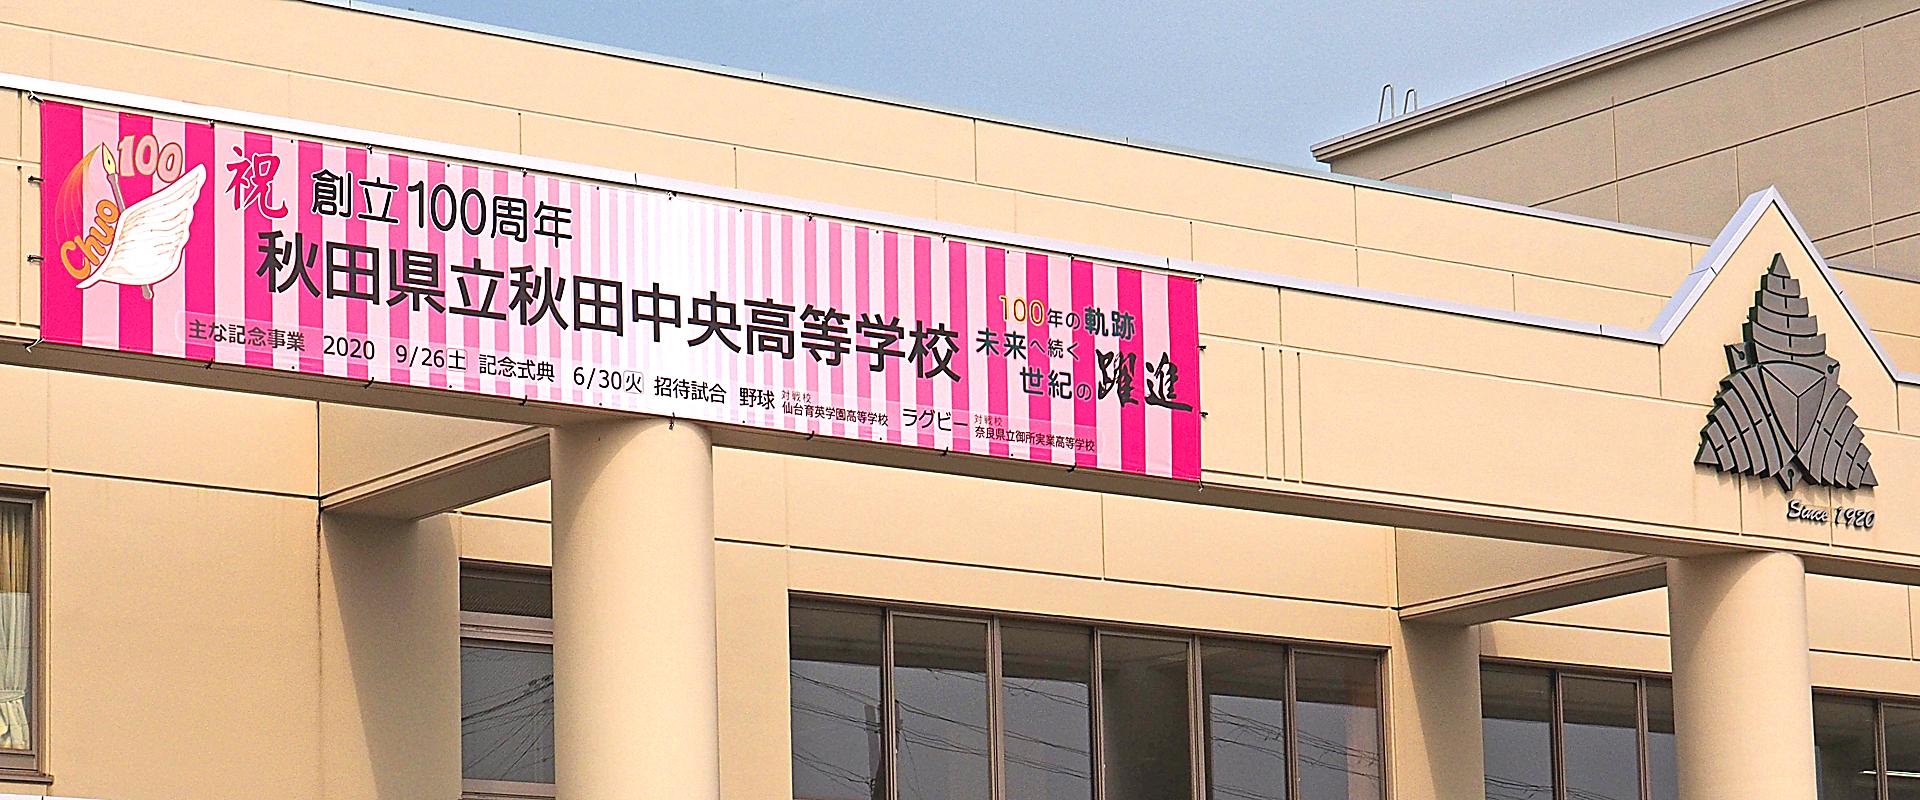 秋田 中央 高校 偏差 値